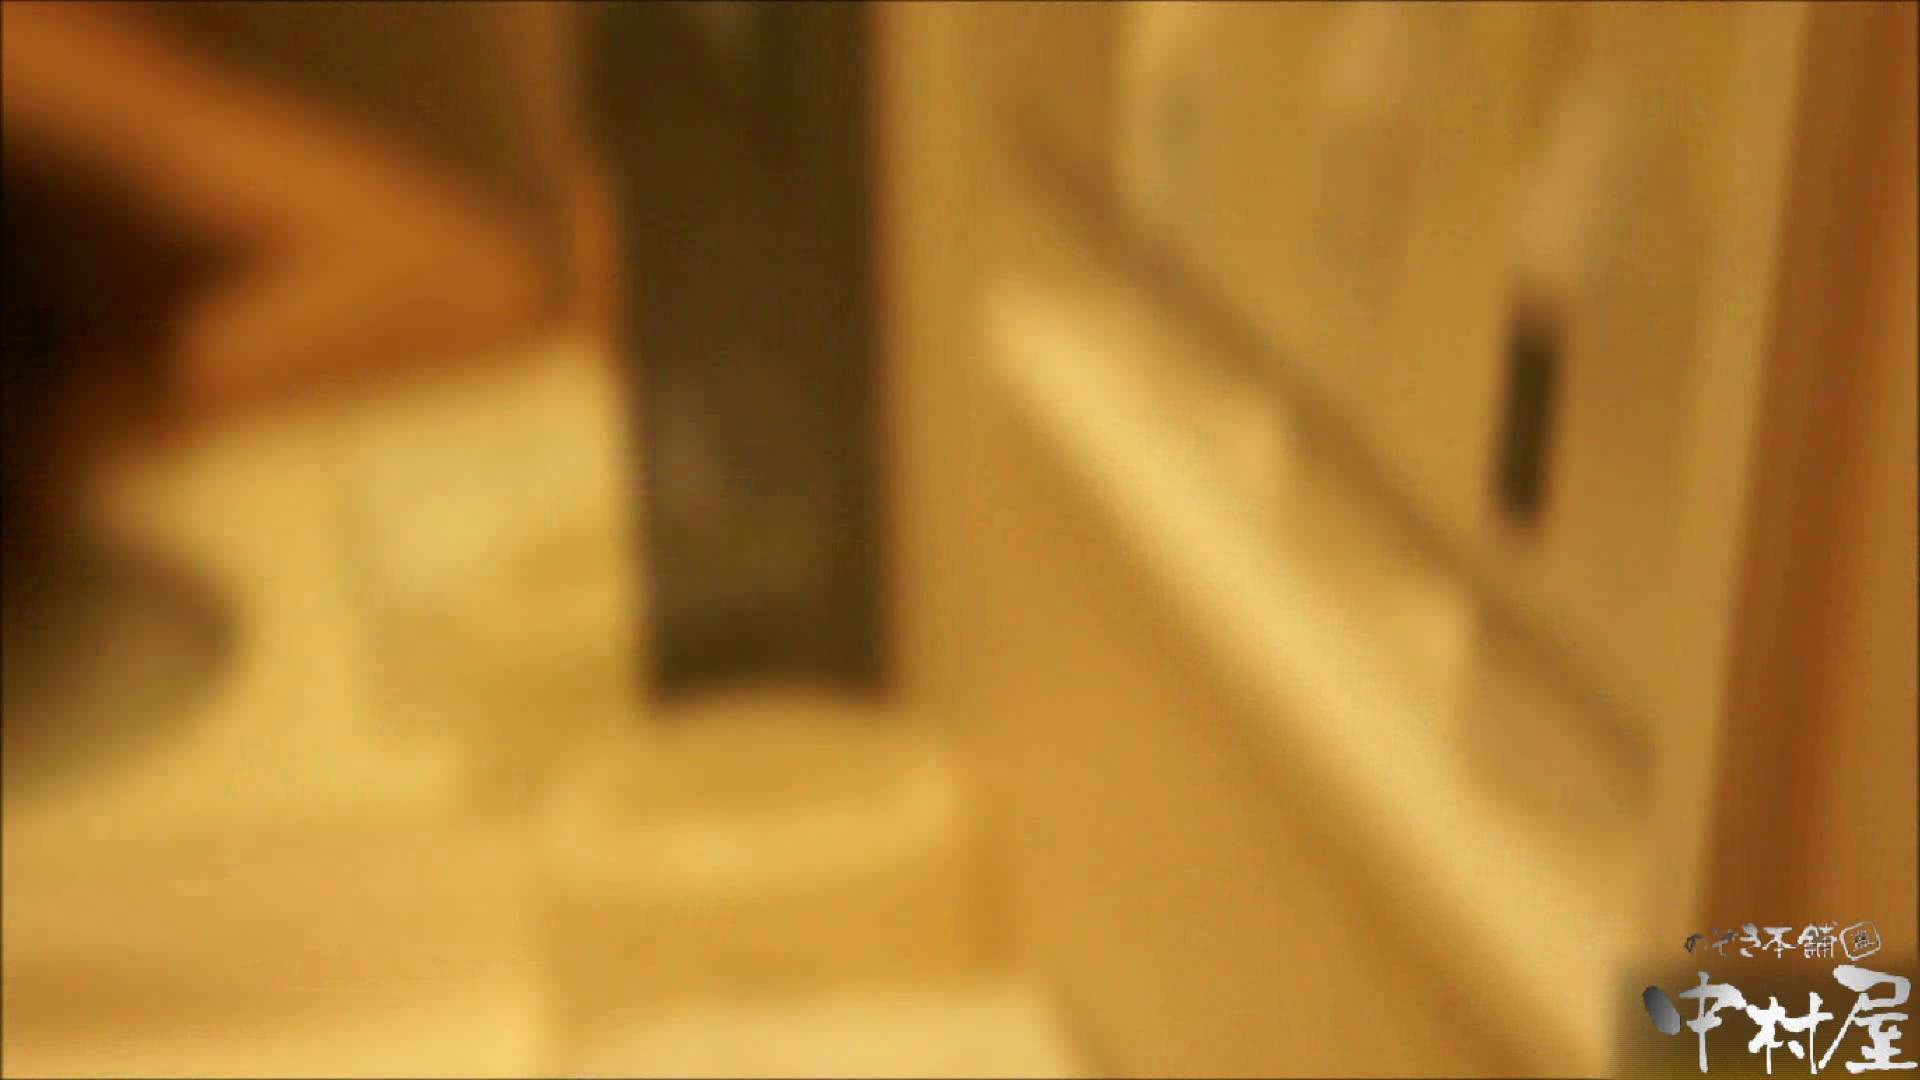 二人とも育てた甲斐がありました…vol.39【援助】鏡越しの朋葉を見ながら・・・中編 おまんこ見放題 | 盗撮シリーズ  99PIX 85